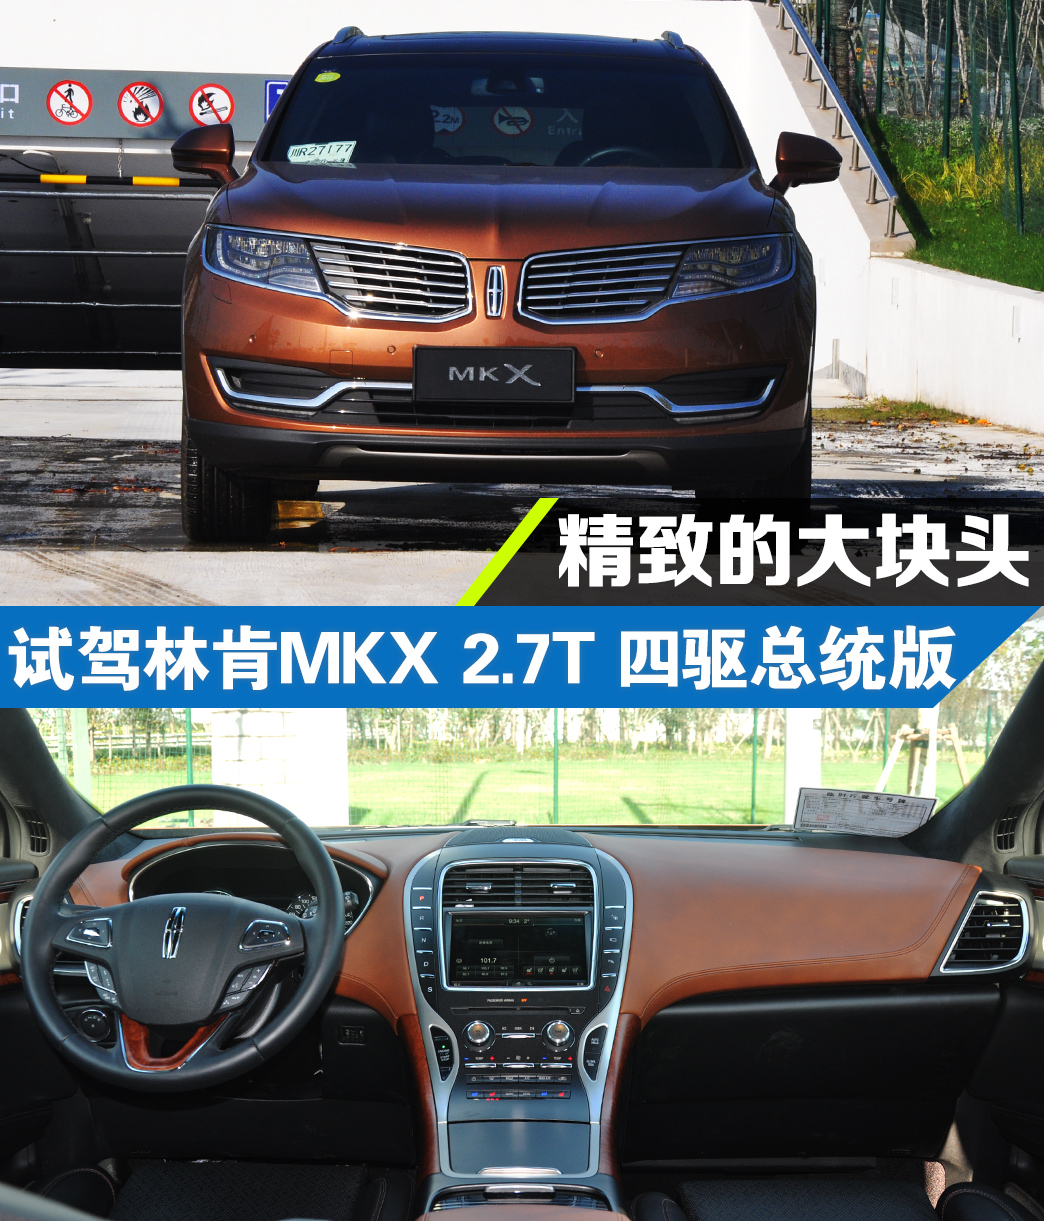 林肯重返中国,在短短一段时间内连续重拳出击。利用现有资源以及富有现代潮流的设计灵感所打造的一款款全新林肯车型已经完全刷新了60、70、80这几代人对林肯的记忆。在上海车展上,林肯又为中国市场带来了全新的MKX这款重量级SUV。今天就我们来领略一番,全新MKX独特的设计语言。